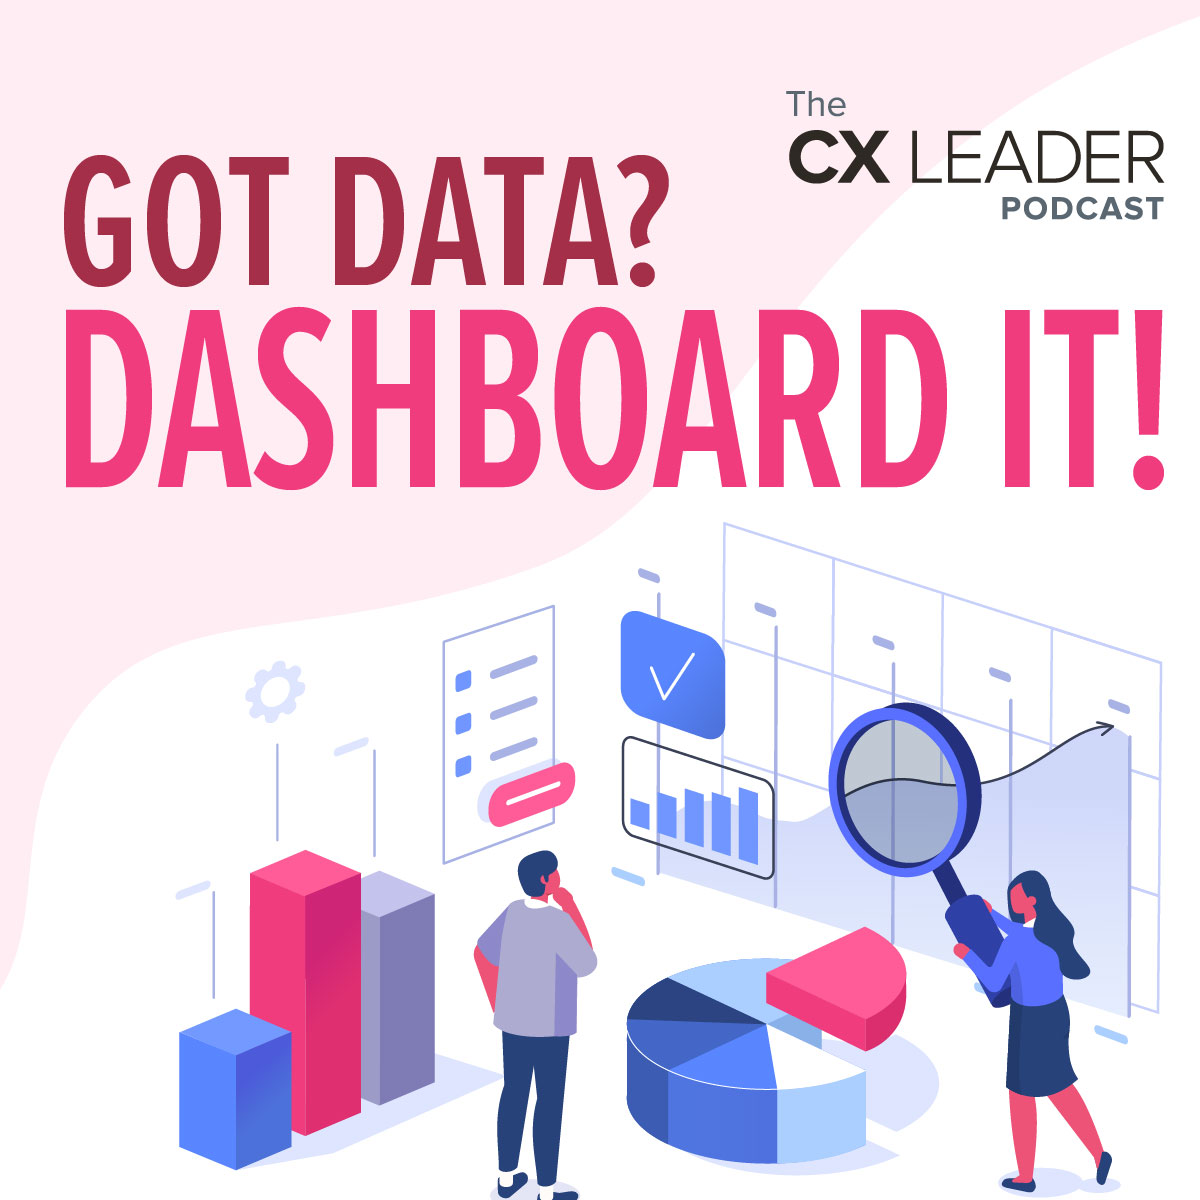 Got data? Dashboard it!